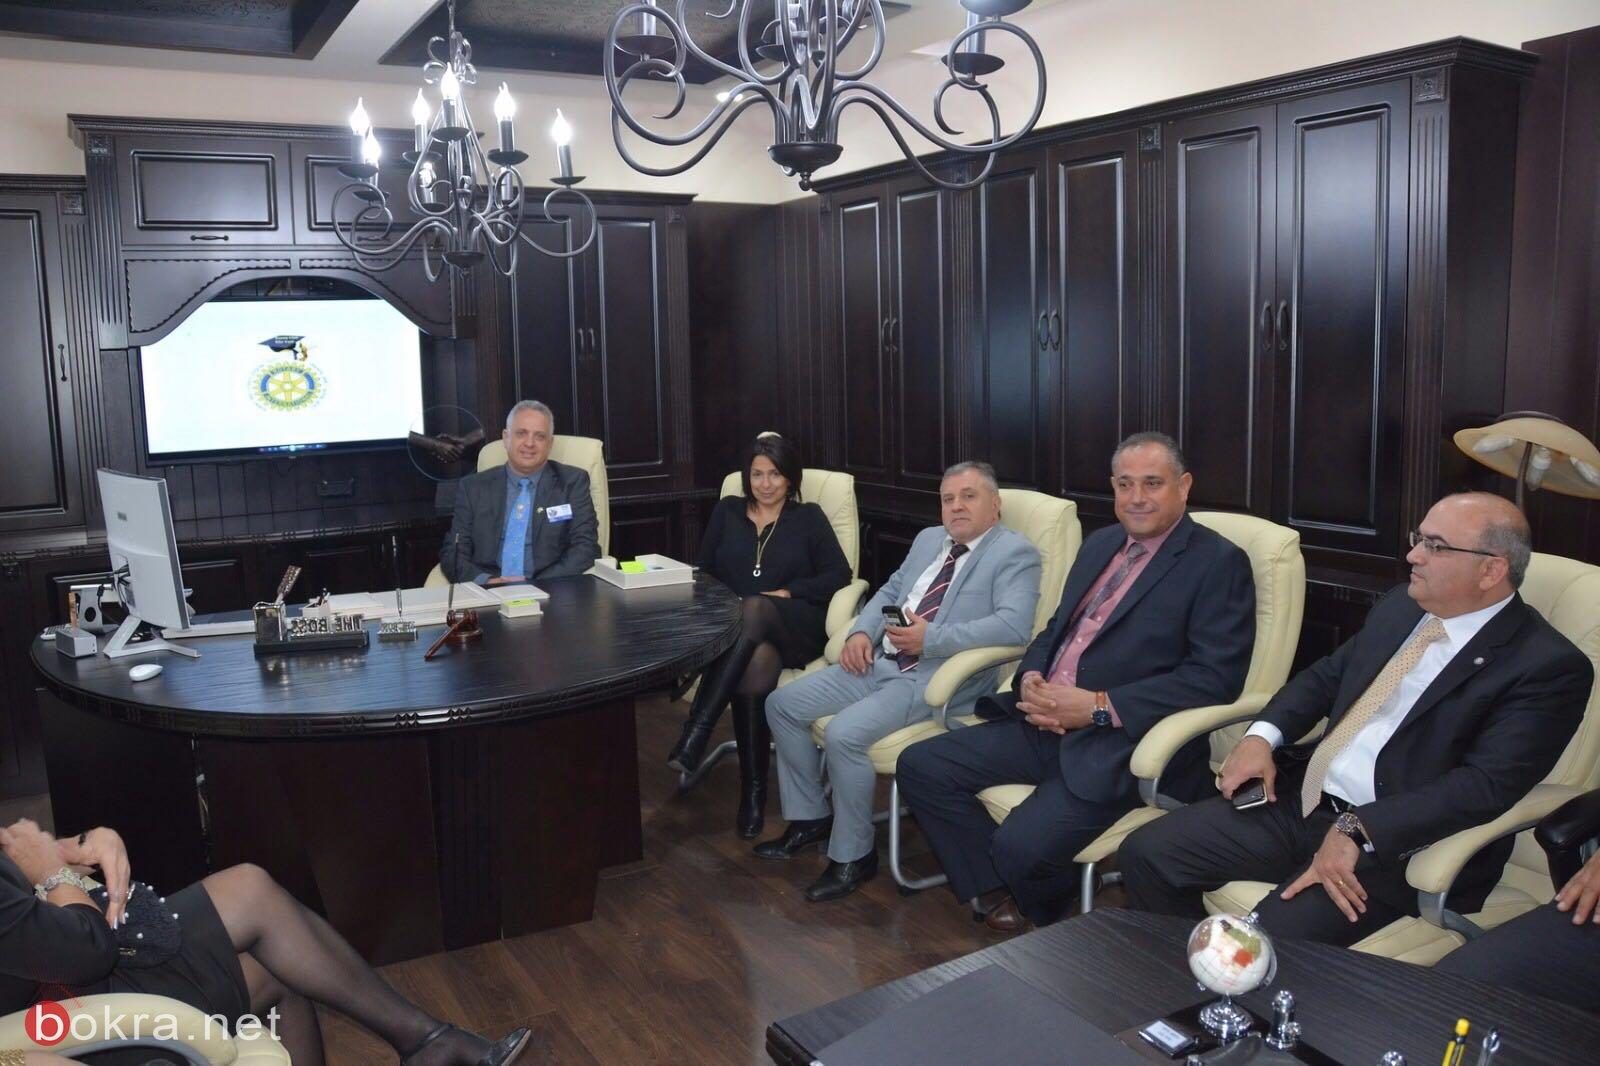 حفل تبادل الرؤساء في نادي الروتاري في كفرياسيف